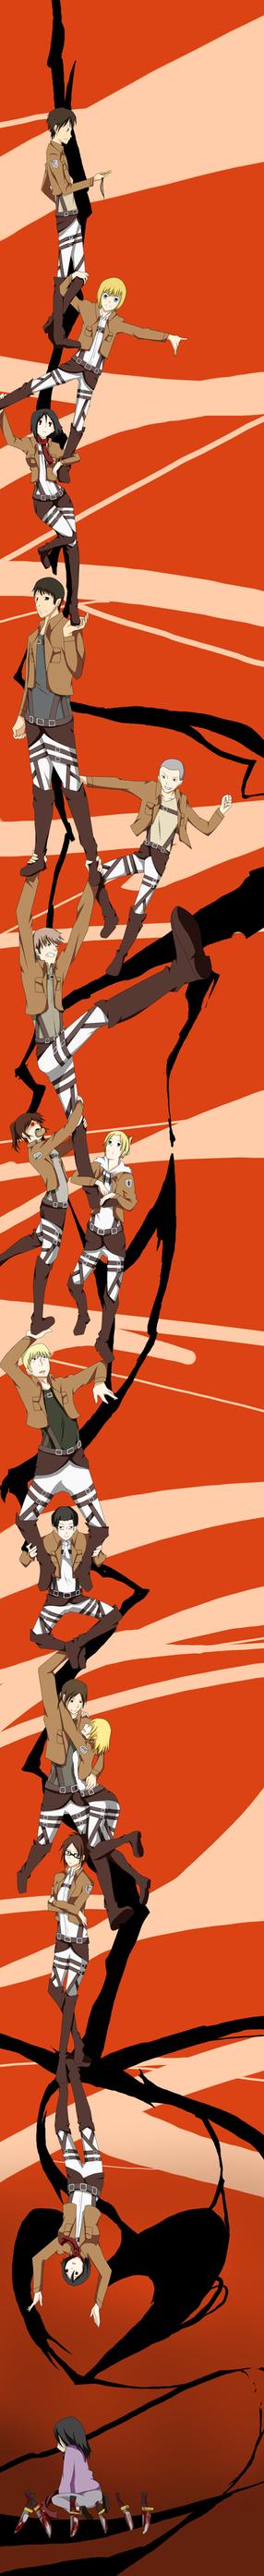 Shingeki no Kyojin x Durarara ED Ver. by Babero